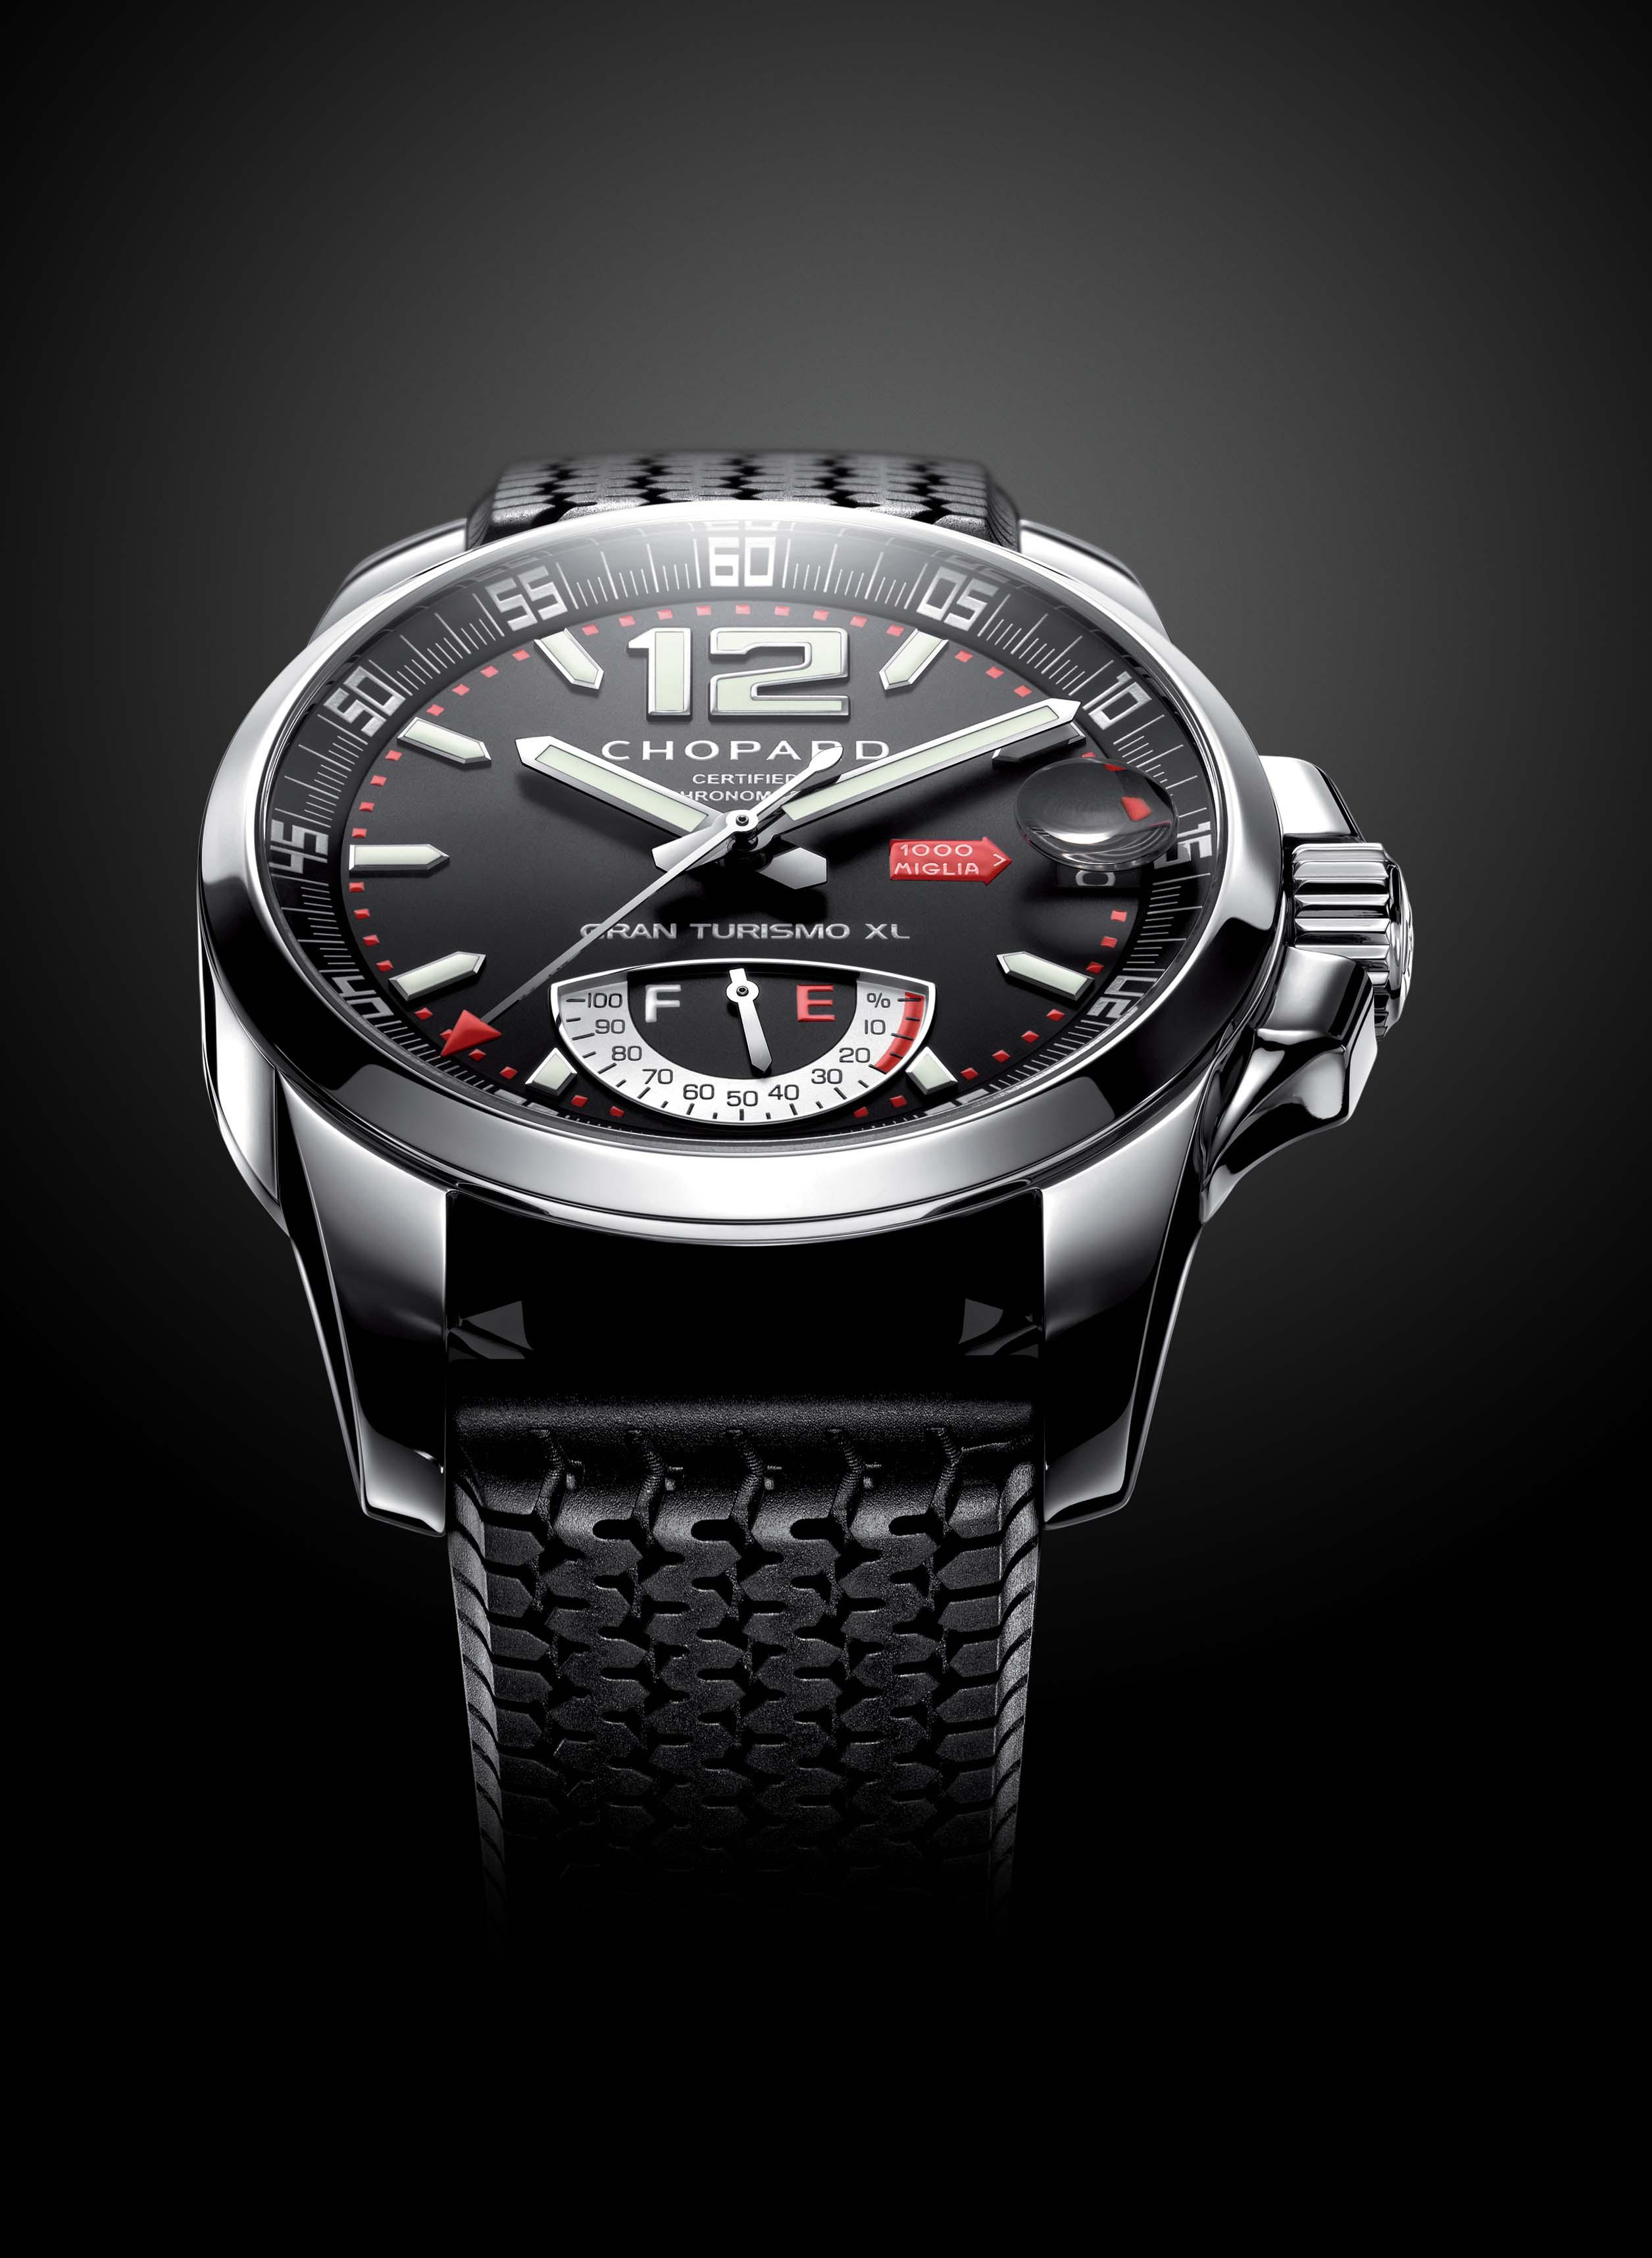 Chopard : Mille Miglia GT XL Power Control